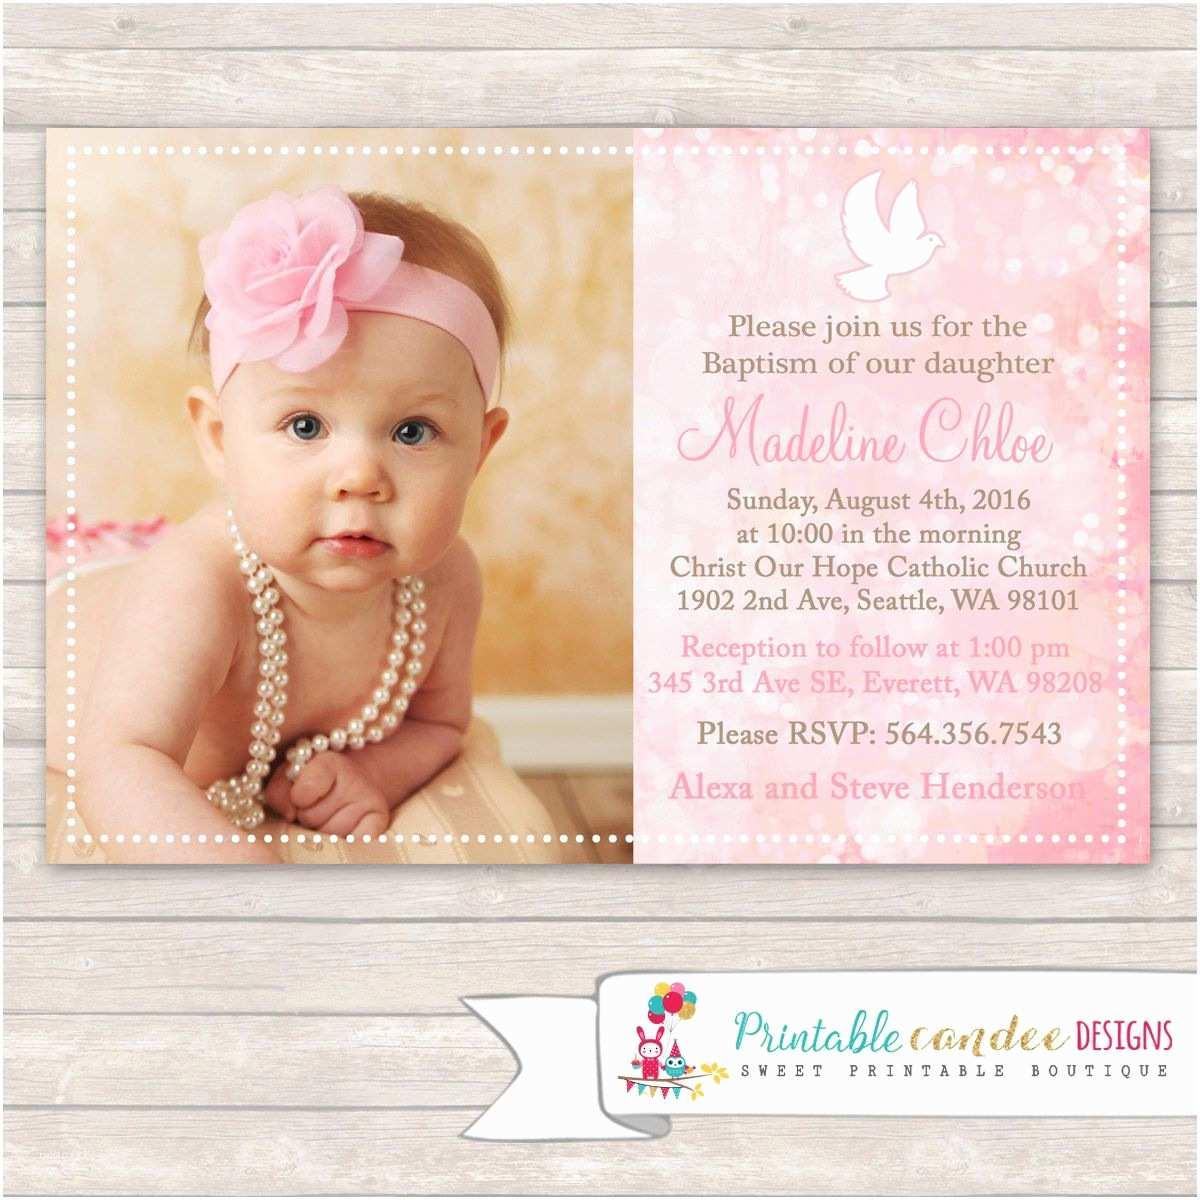 Communion Invitations for Girl Girl Baptism Invitations Girl Baptism Invitations Card